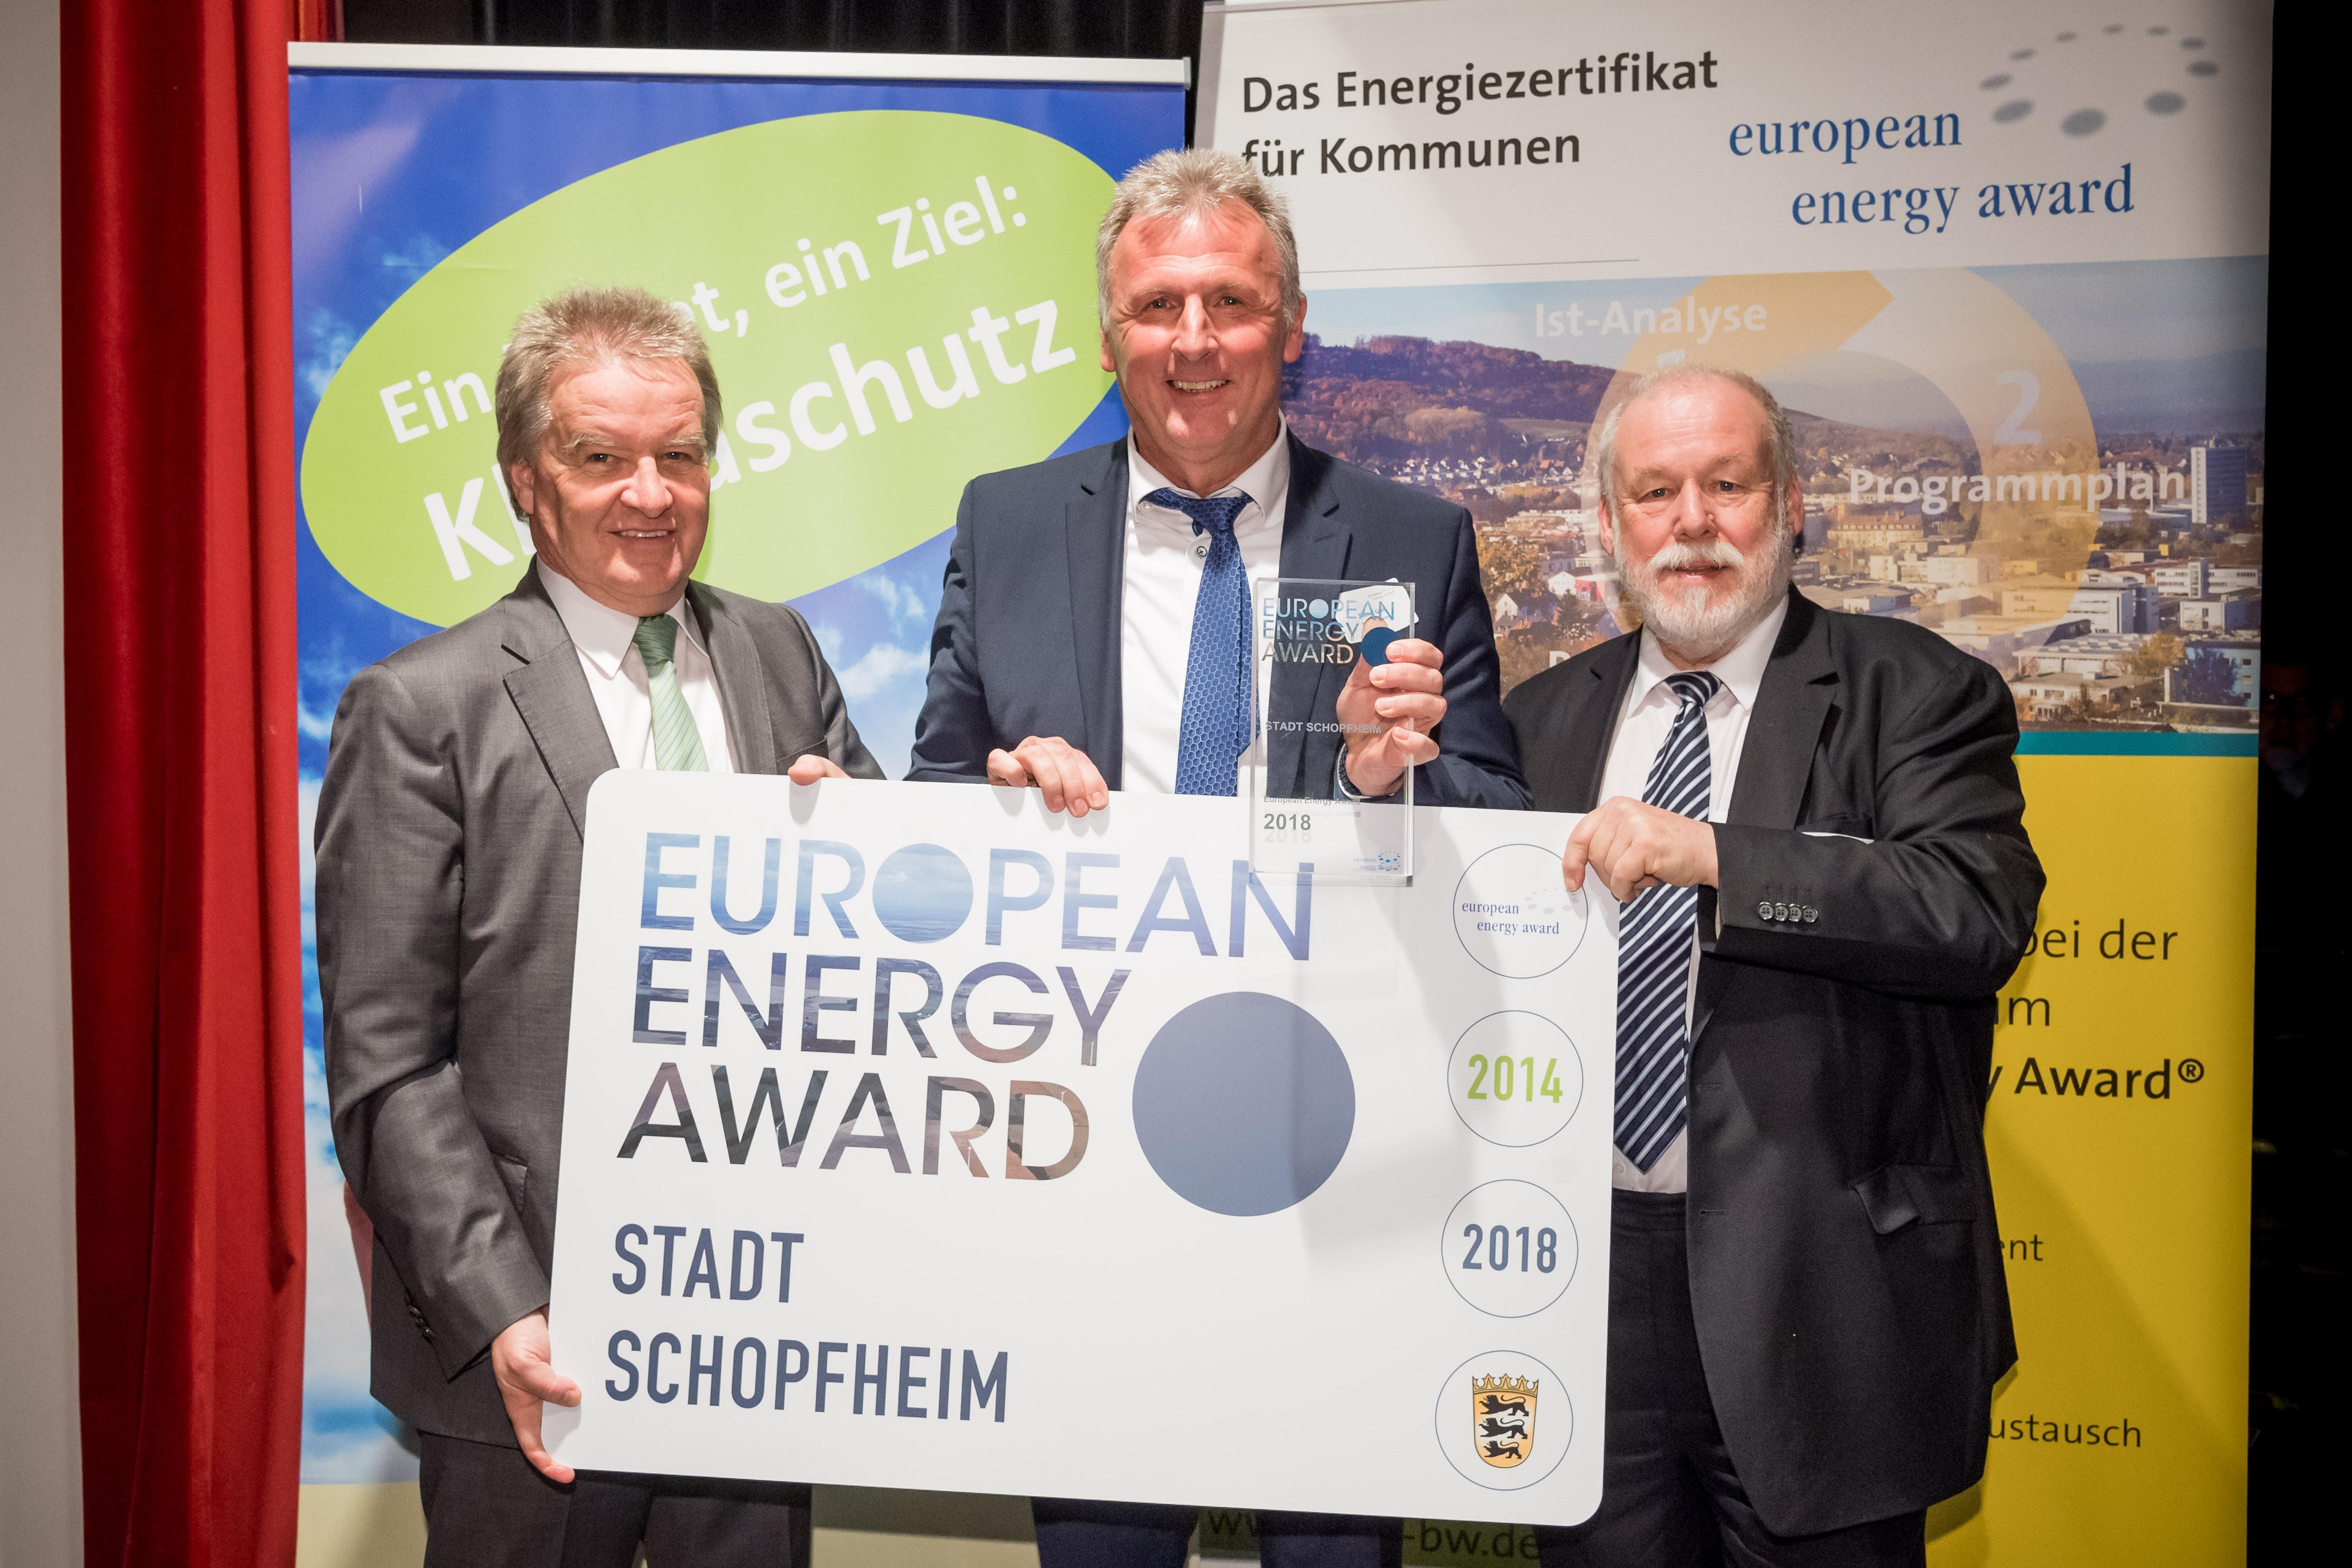 Umweltminister Franz Untersteller, Bürgermeister-Stellvertreter Thomas Gsell, Dr. Armand Dütz